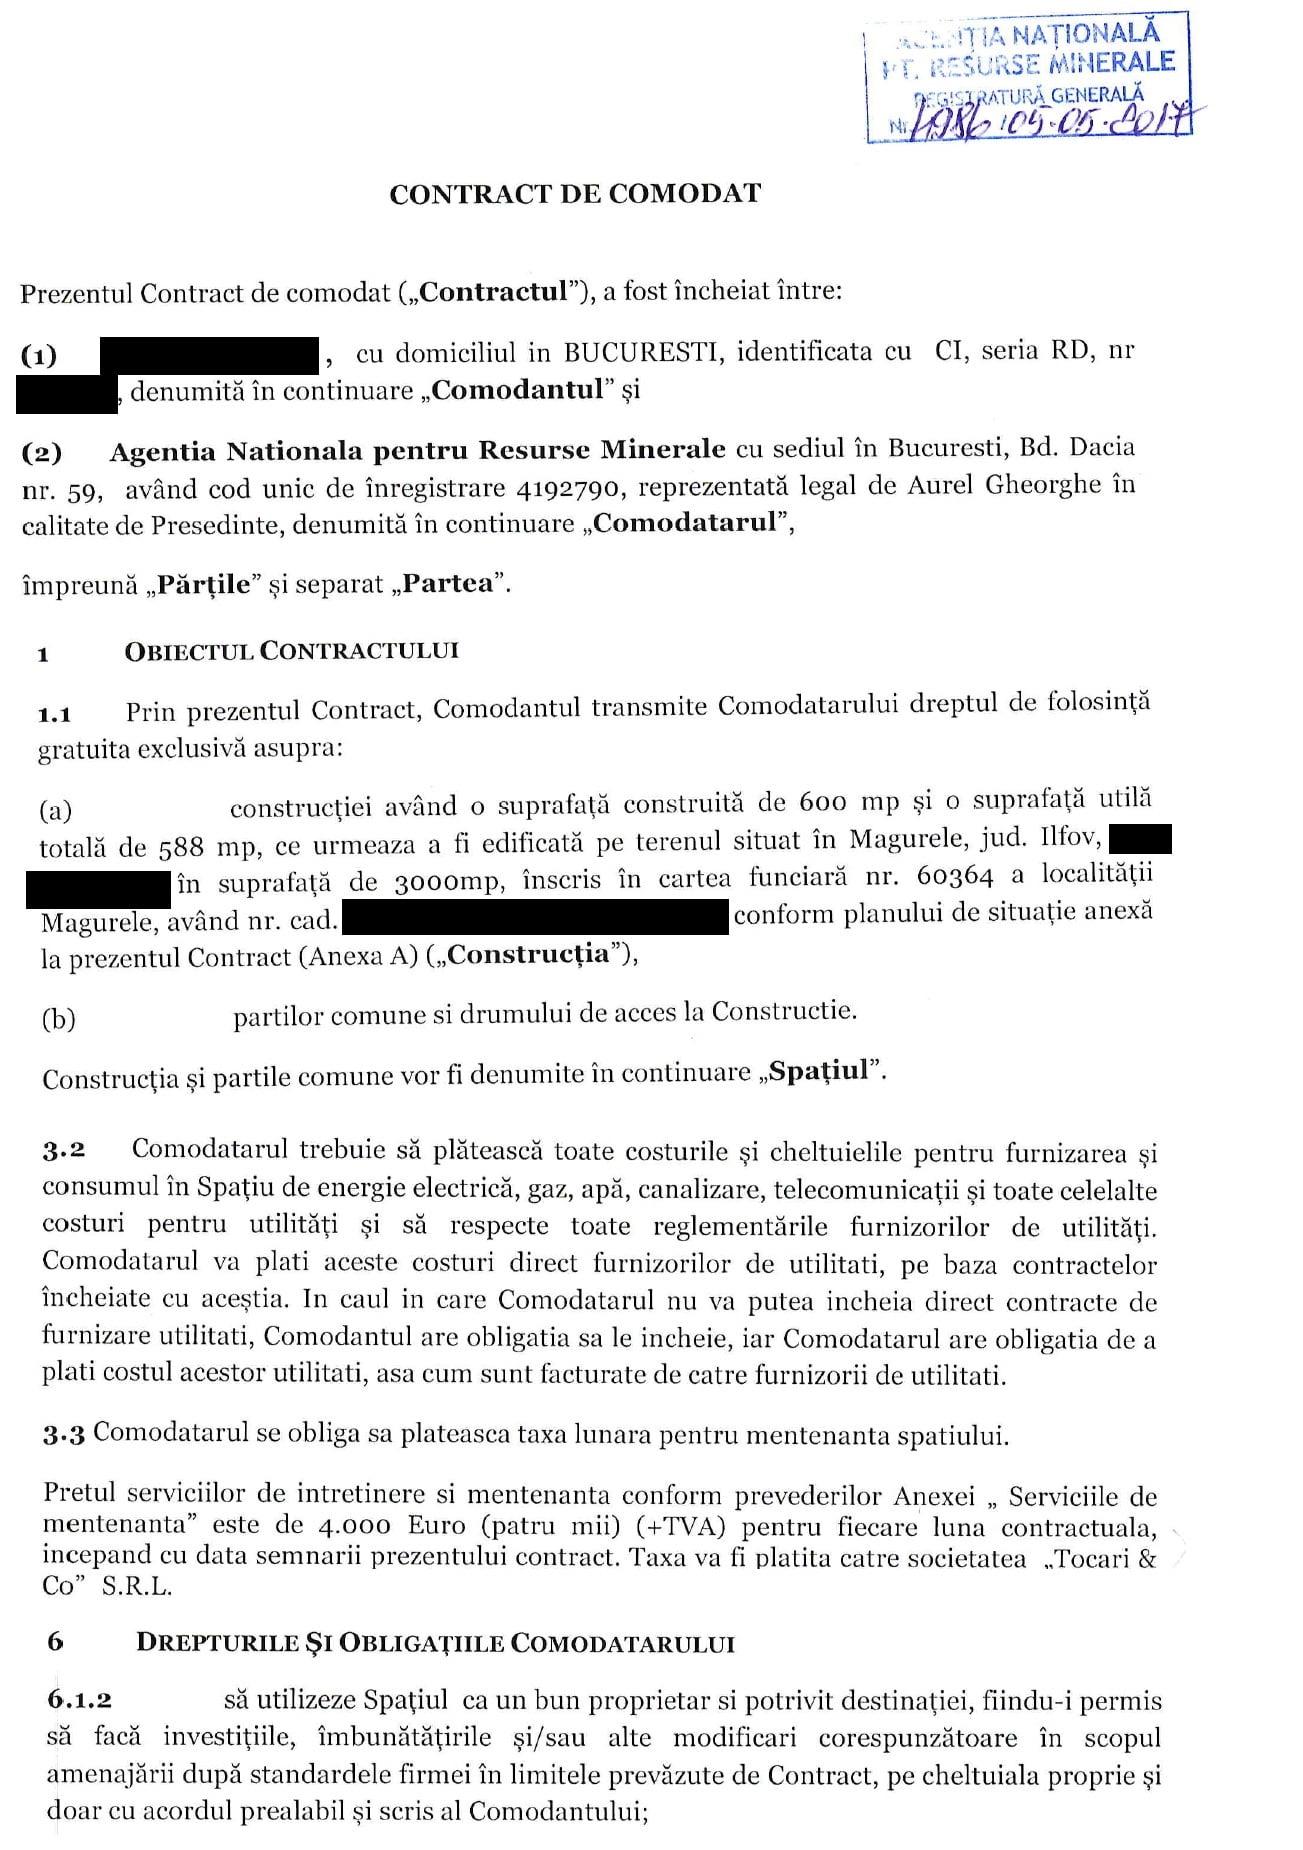 contract anrm arhive 1